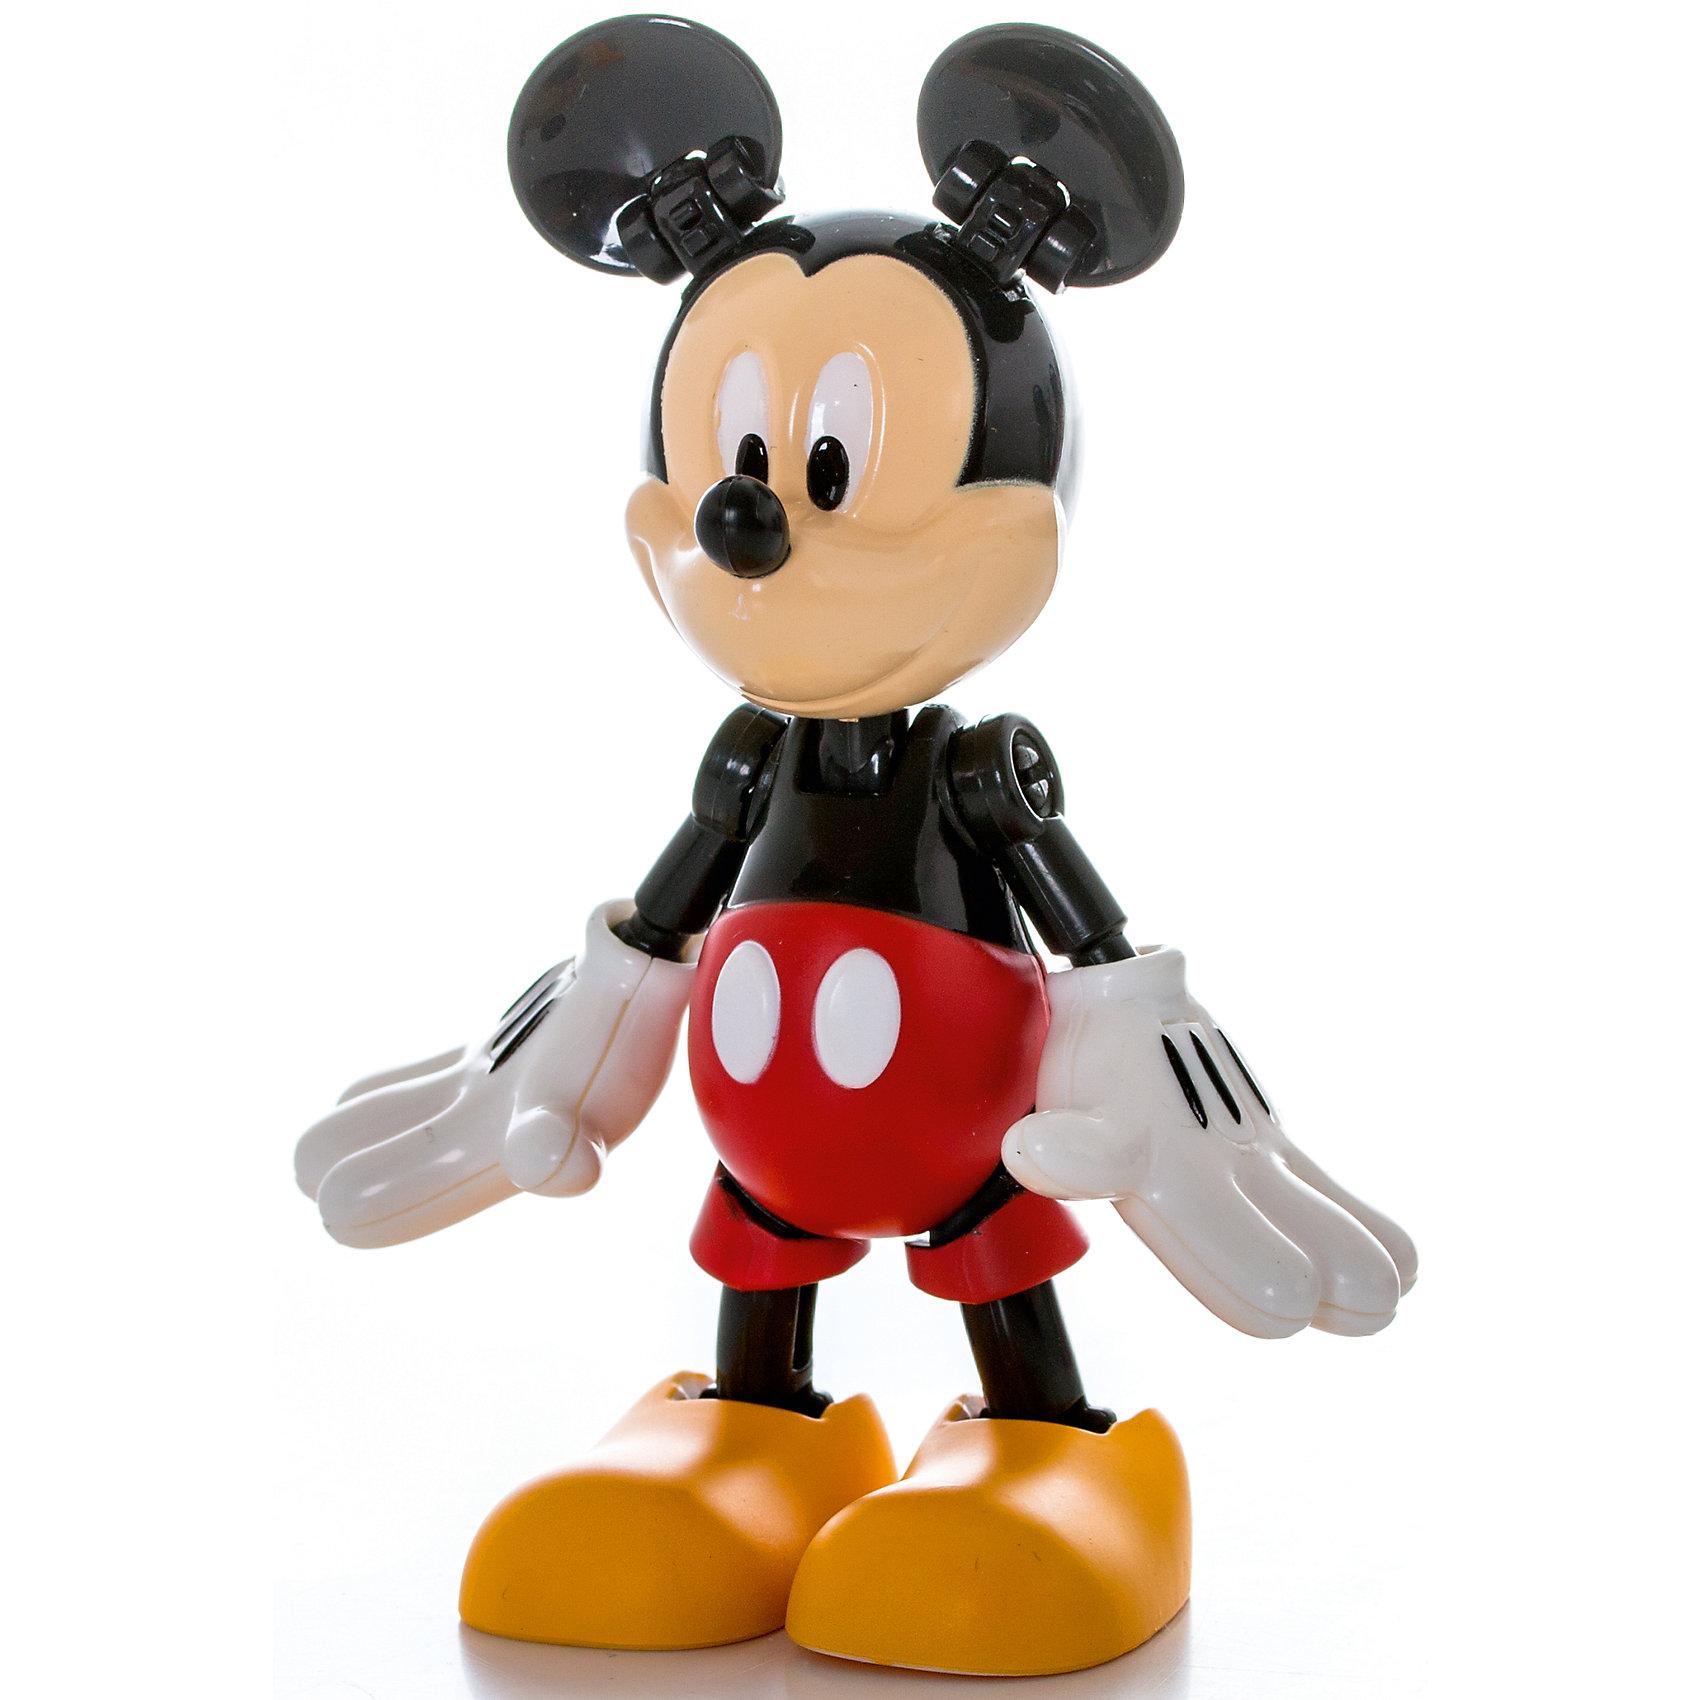 Яйцо-трансформер Микки Маус, EggStarsБлагодаря такому яйцу-трансформеру Ваш ребенок сможет ловко сделать себе любимого героя Микки Мауса из Диснеевских мультфильмов!<br><br>Порадуйте Вашего ребенка таким замечательным подарком!<br><br>Дополнительная информация:<br><br>- Возраст: от 3 лет.<br>- Материал: пластик.<br>- Размер упаковки: 17х6х8 см.<br><br>Купить яйцо-трансформер Микки Маус, можно в нашем магазине.<br><br>Ширина мм: 90<br>Глубина мм: 60<br>Высота мм: 170<br>Вес г: 73<br>Возраст от месяцев: 48<br>Возраст до месяцев: 144<br>Пол: Унисекс<br>Возраст: Детский<br>SKU: 4929056